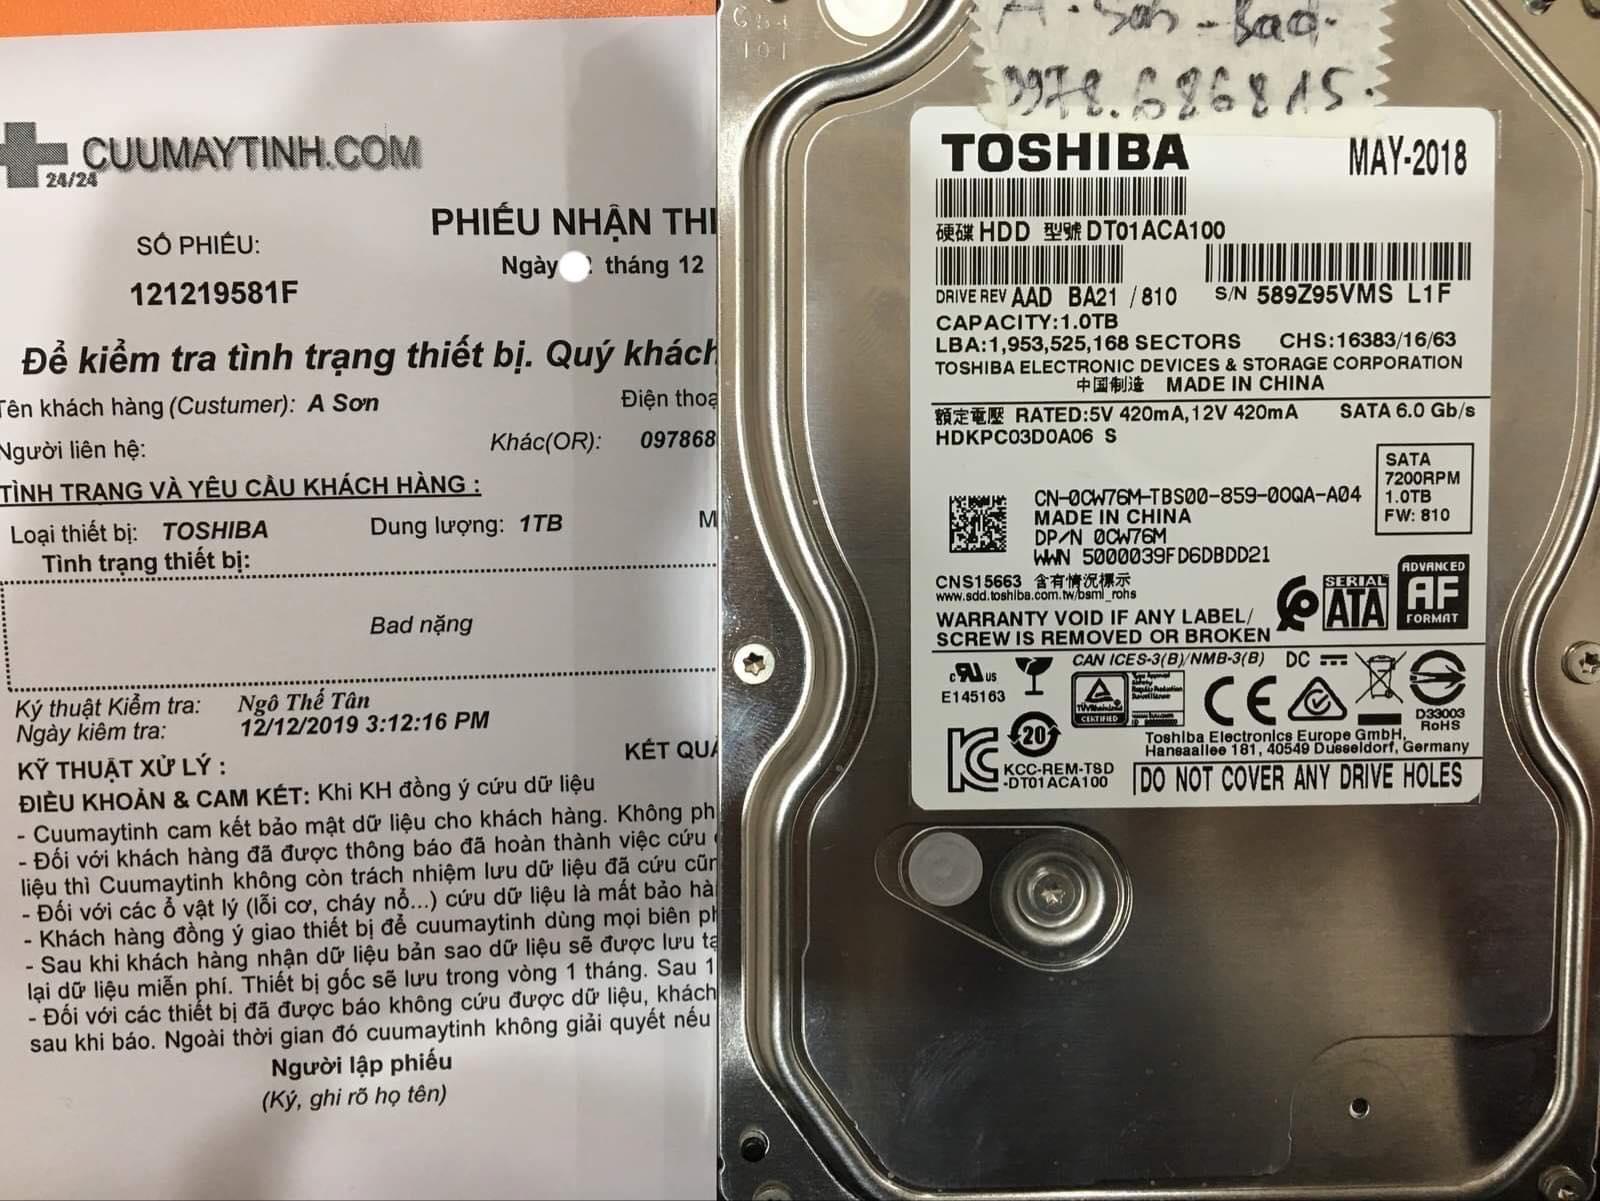 Phục hồi dữ liệu ổ cứng Toshiba 1TB bad nặng 14/12/2019 - cuumaytinh